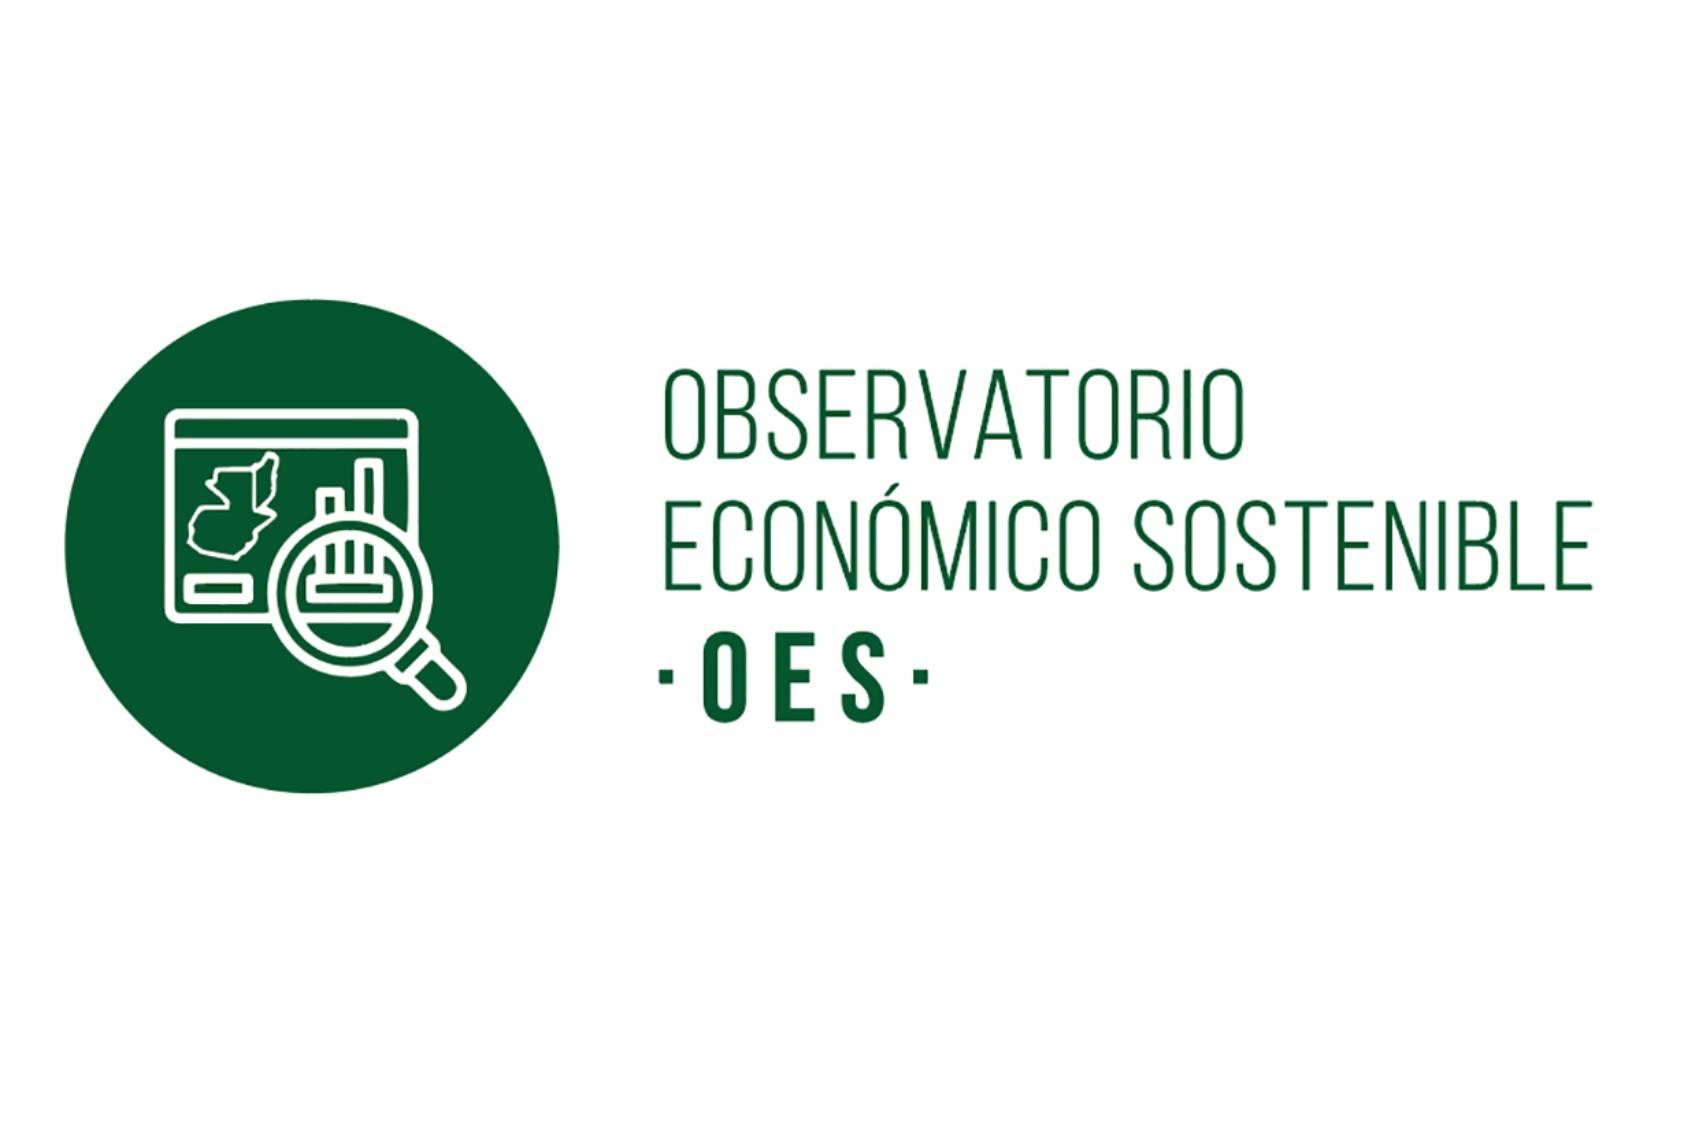 De OES USAID a OES UVG: 4 años de investigación y resultados